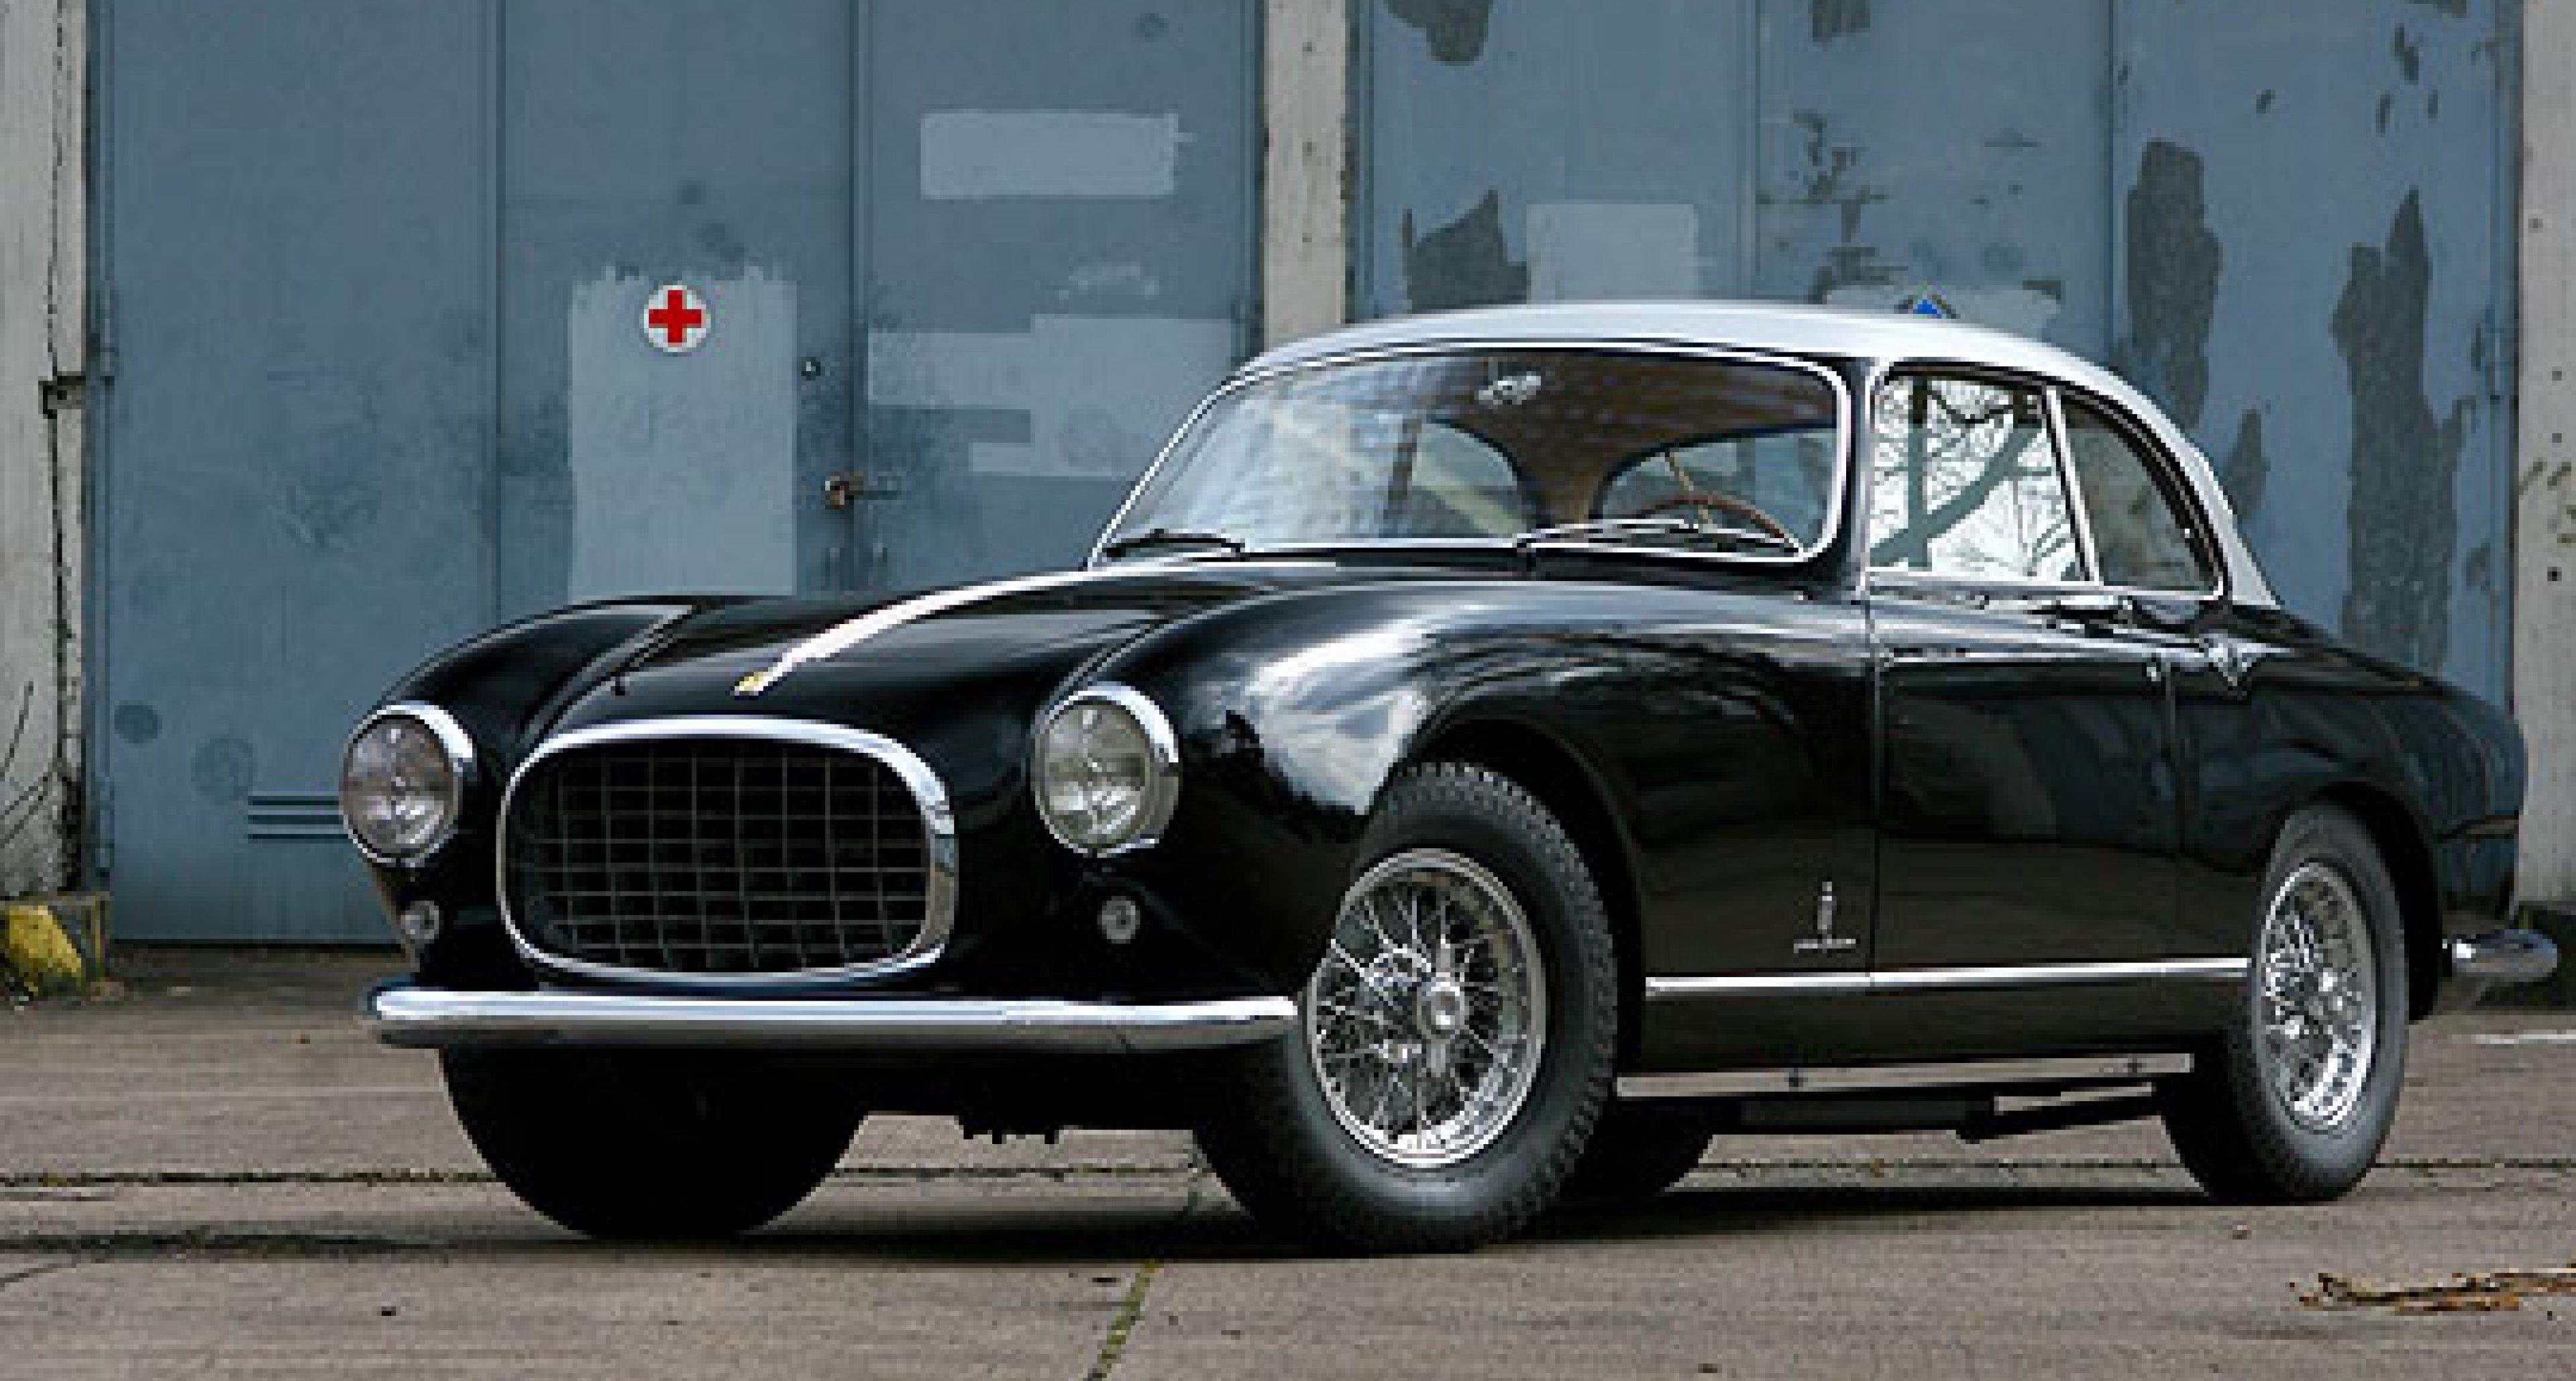 RM Auctions - Ferrari Leggenda e Passione 18th May 2008 - Preview